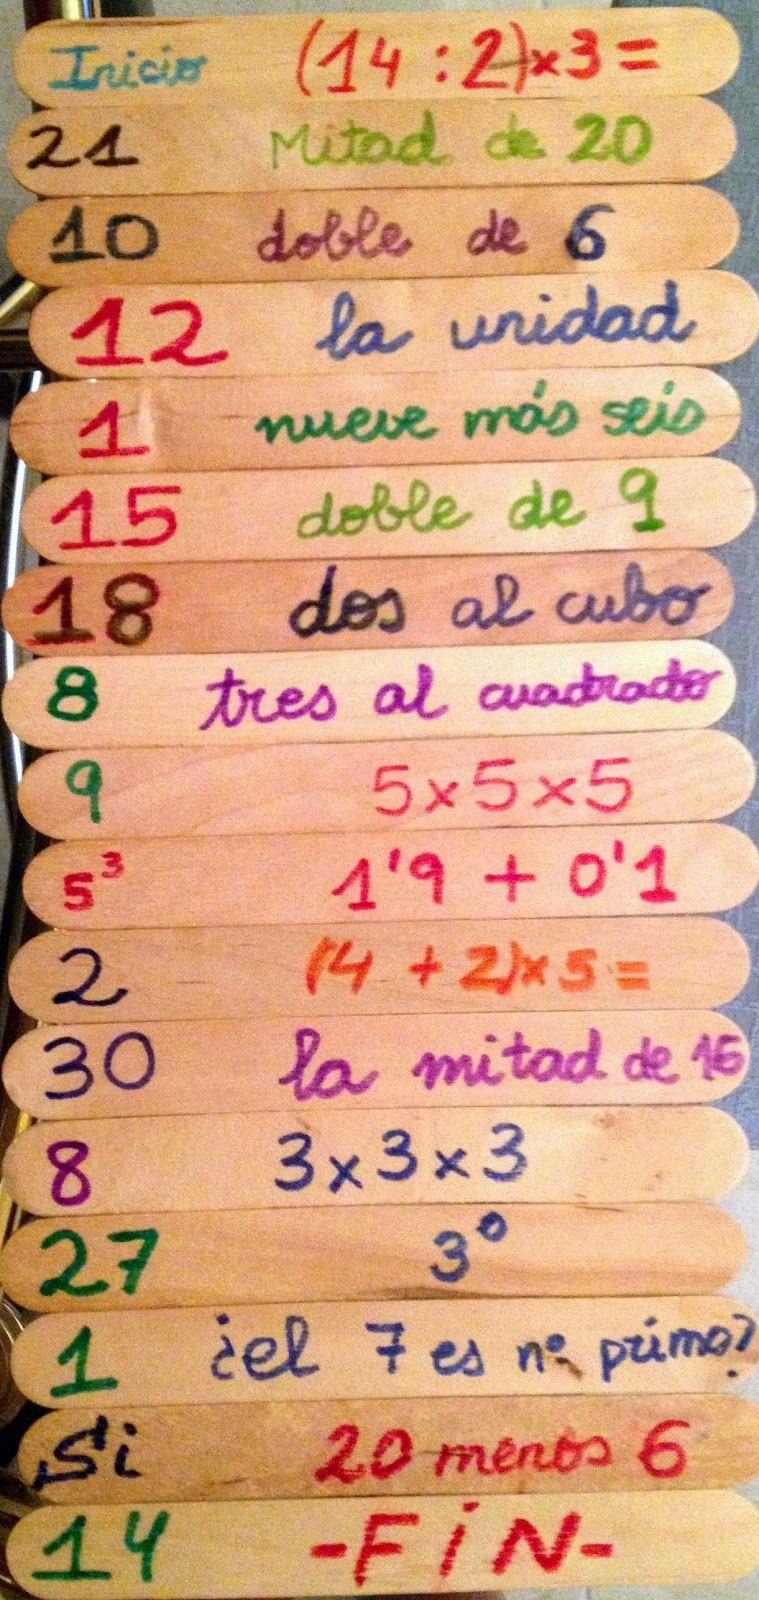 BLOGICMATES: MATERIAL PARA CALCULO MENTAL | Juegos matematicos ...